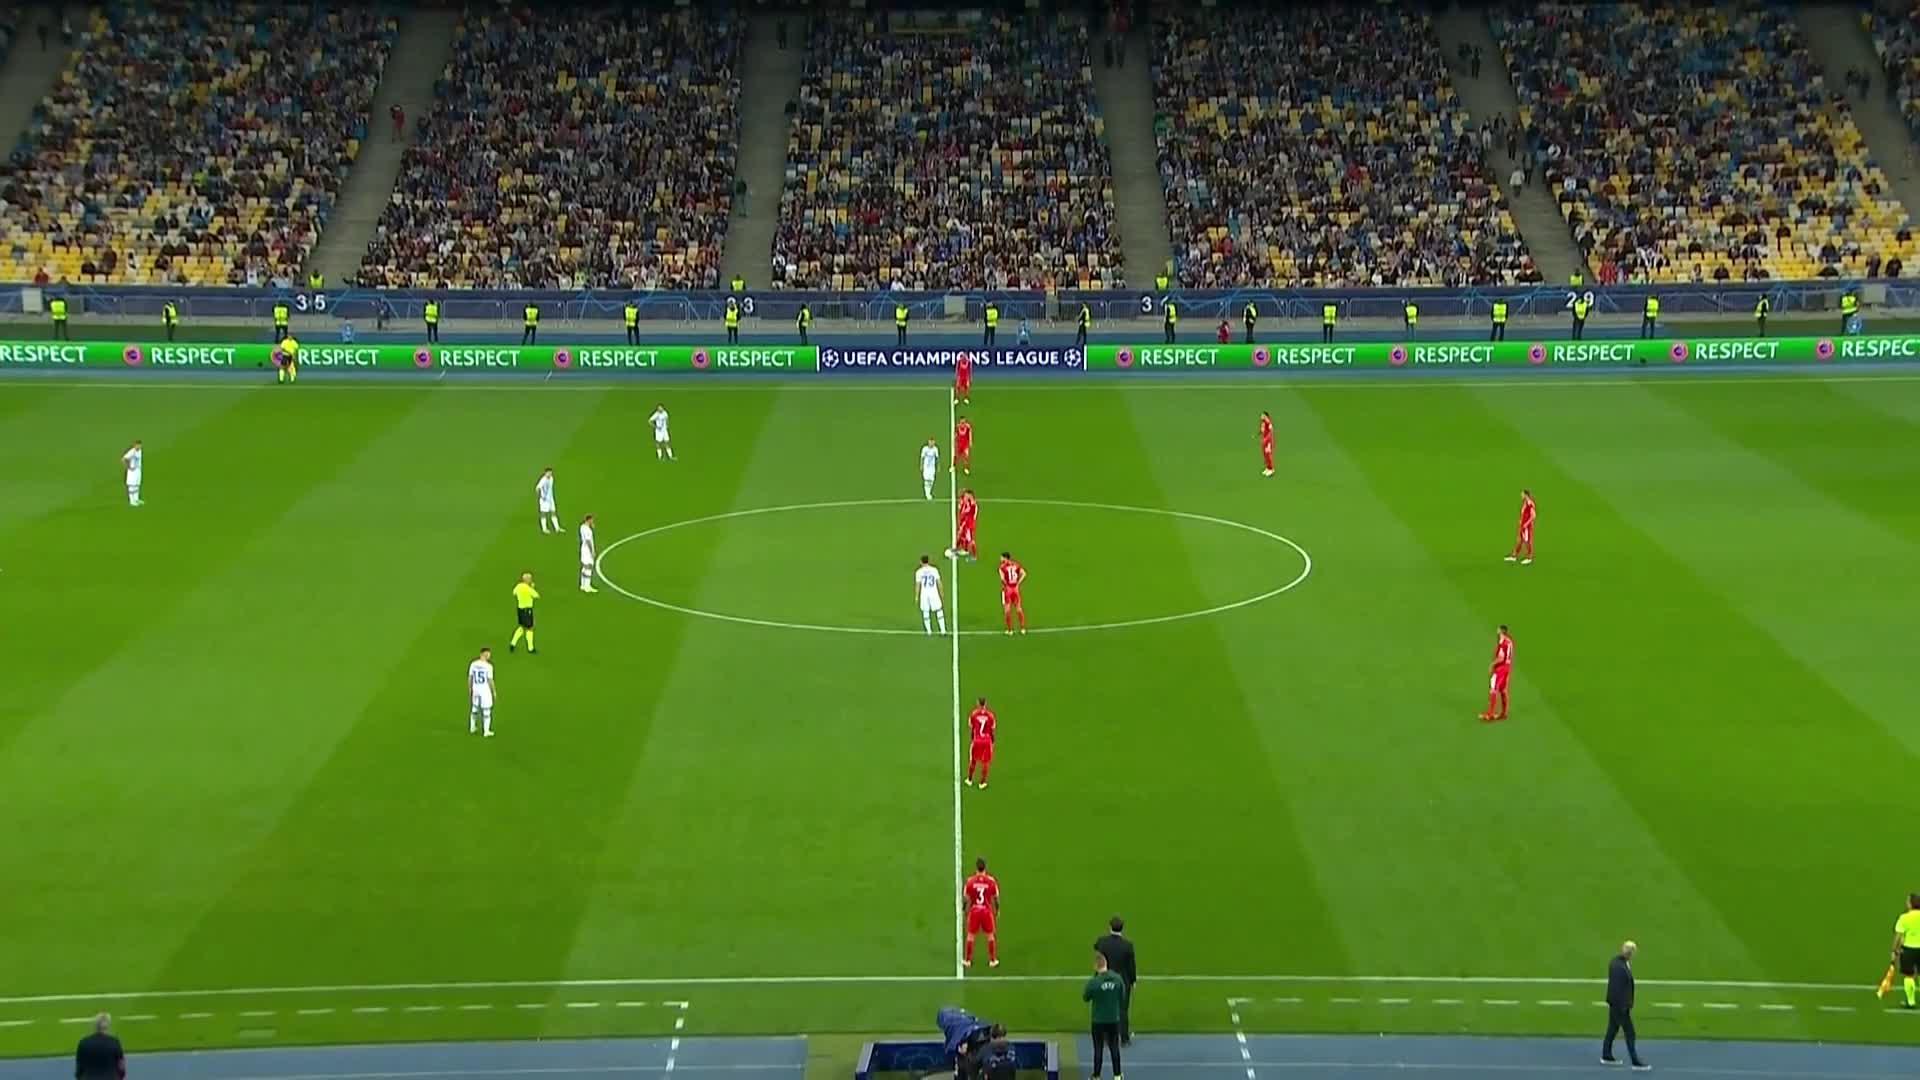 【集锦】欧冠-萨帕伦科最后时刻进球被吹 基辅迪纳摩0-0本菲卡